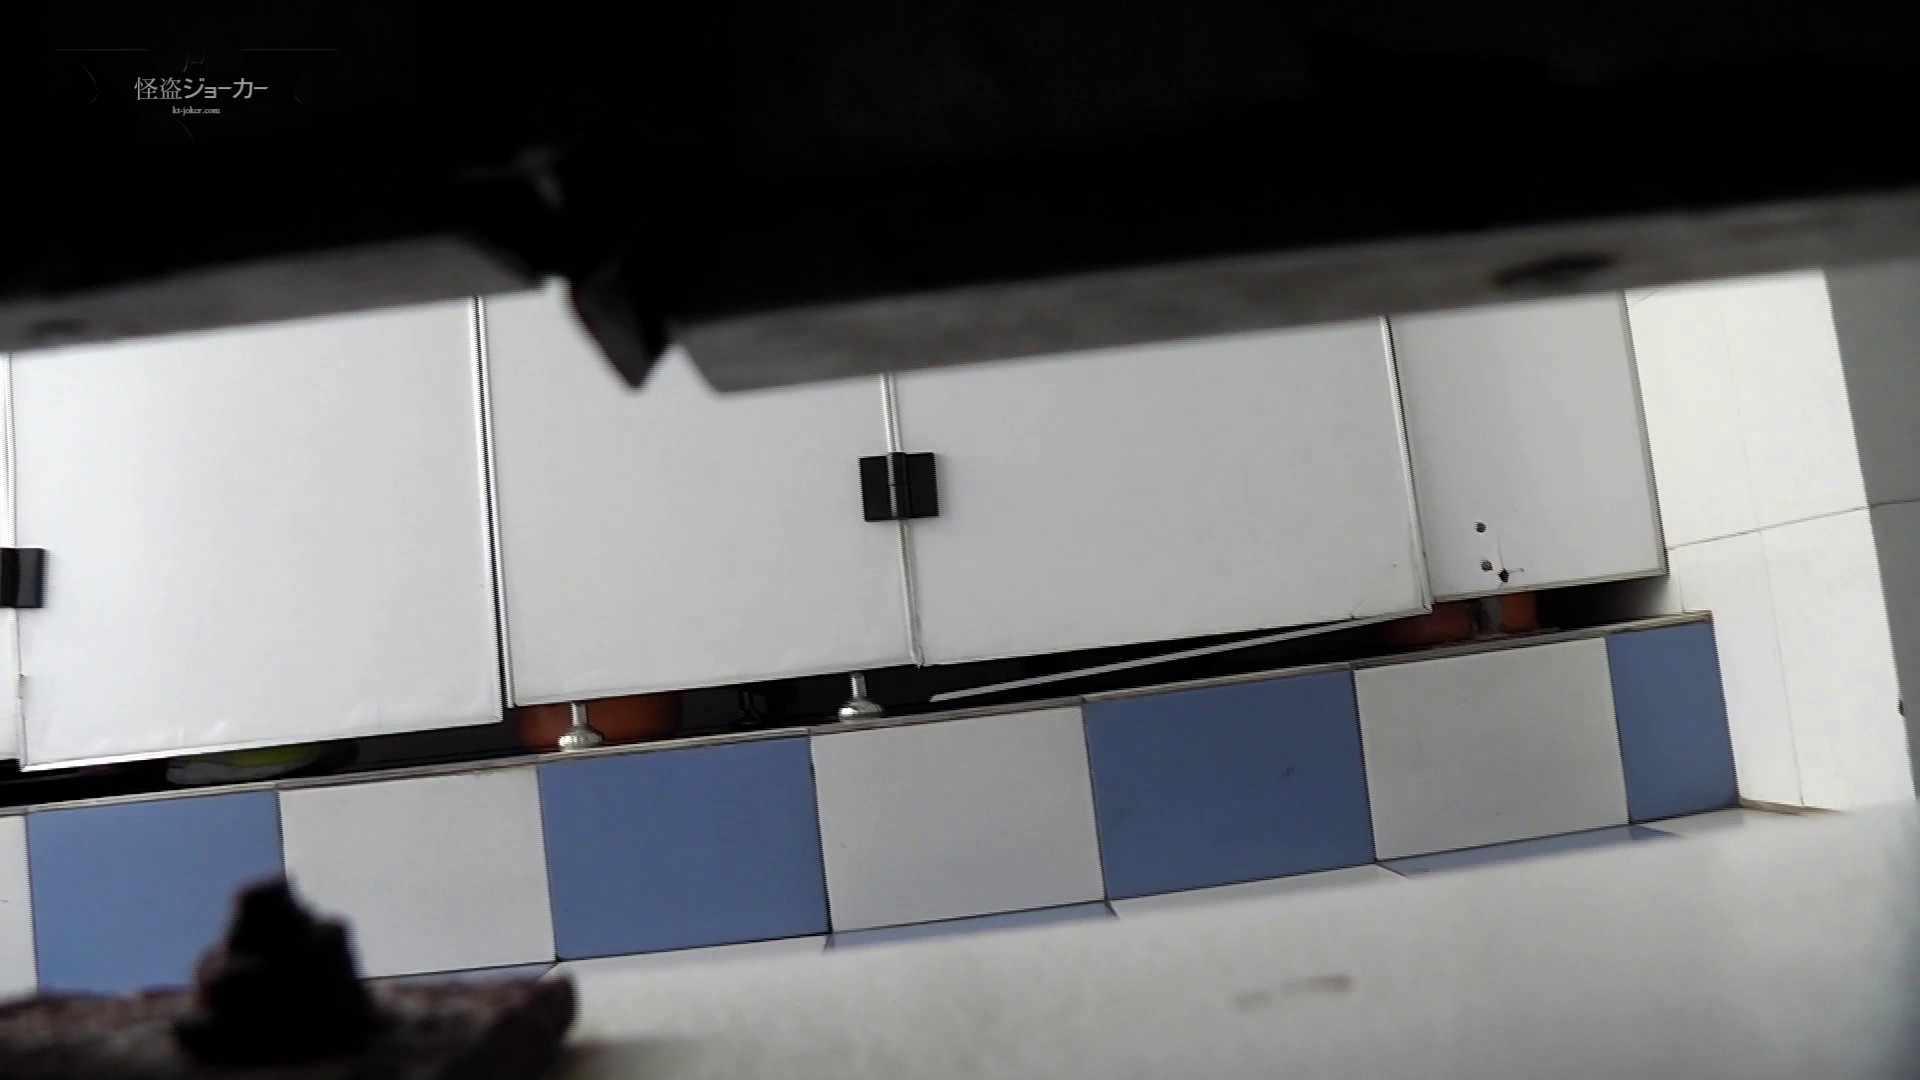 下からノゾム vol.032 走って追跡、そして、カメラ見られ大ピンチ 追跡  40Pix 31